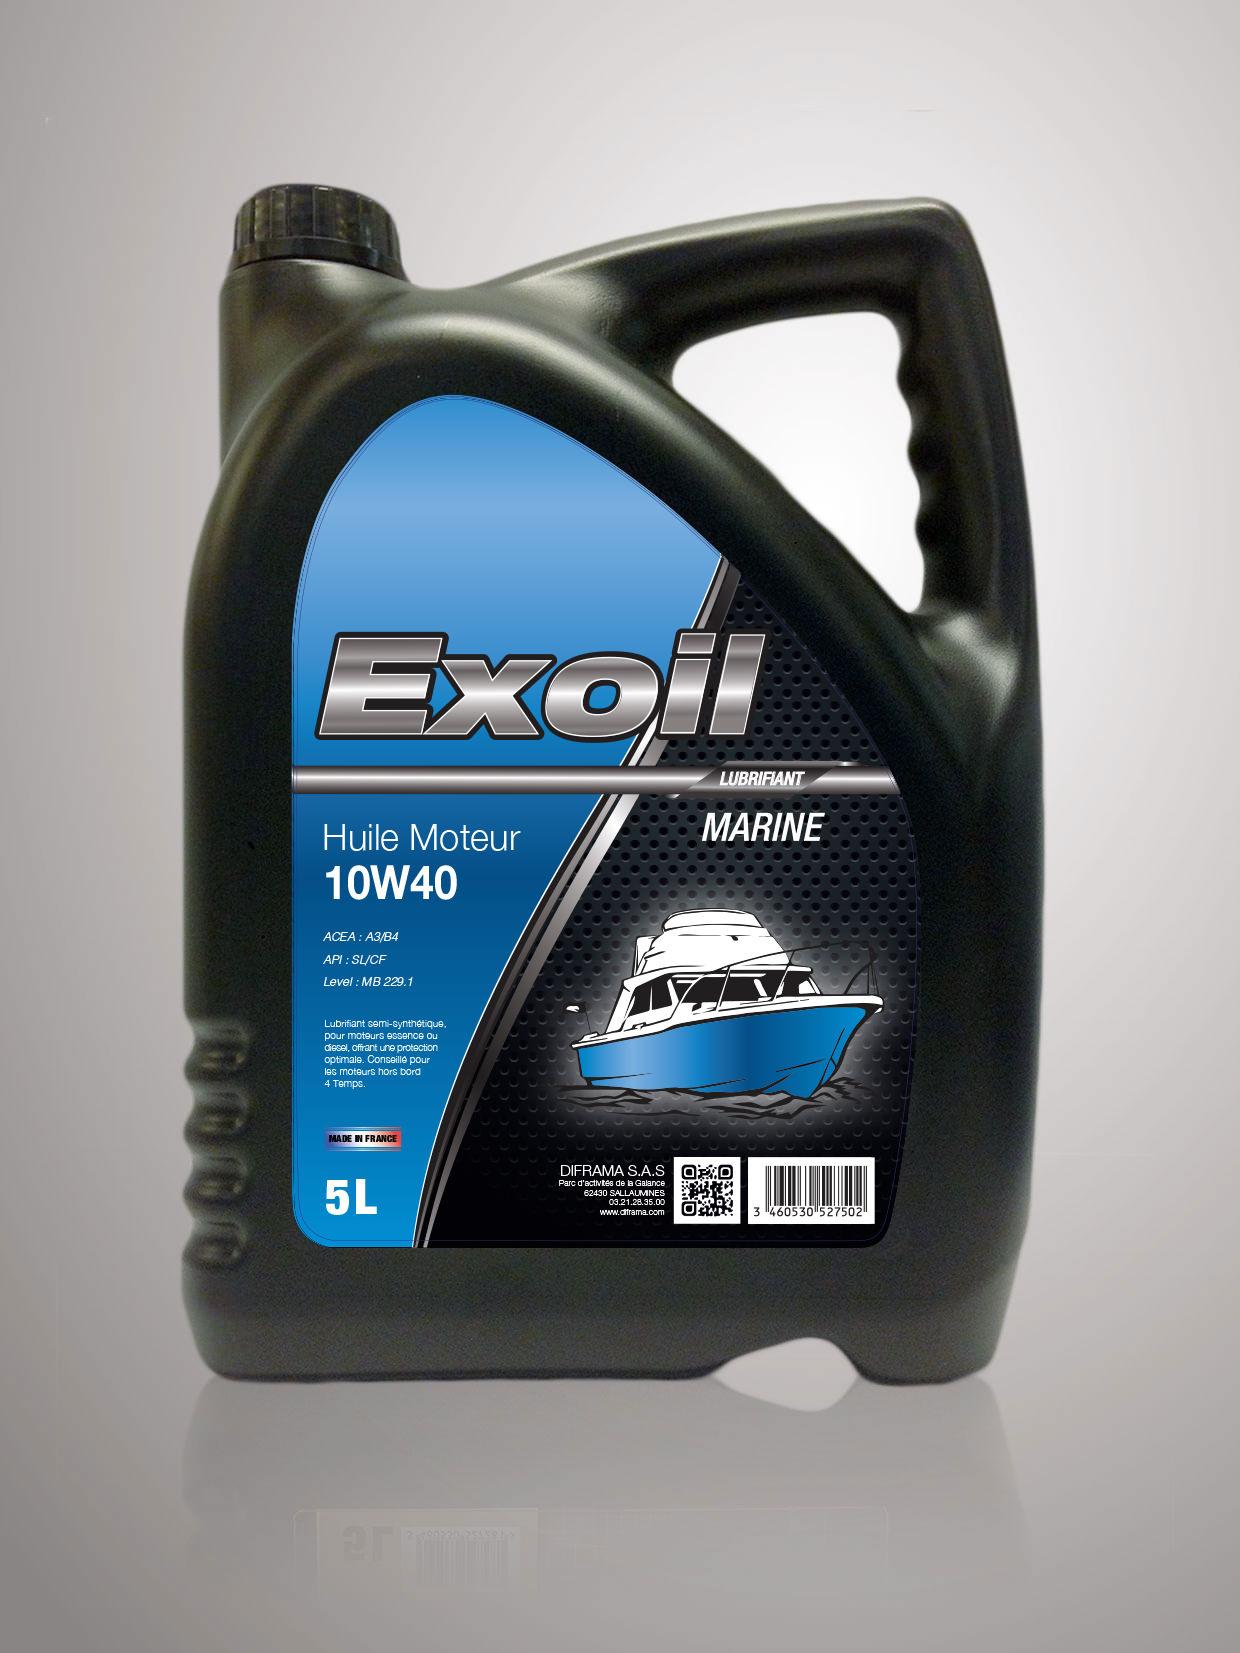 Exoil 10w40 Marine Diframa